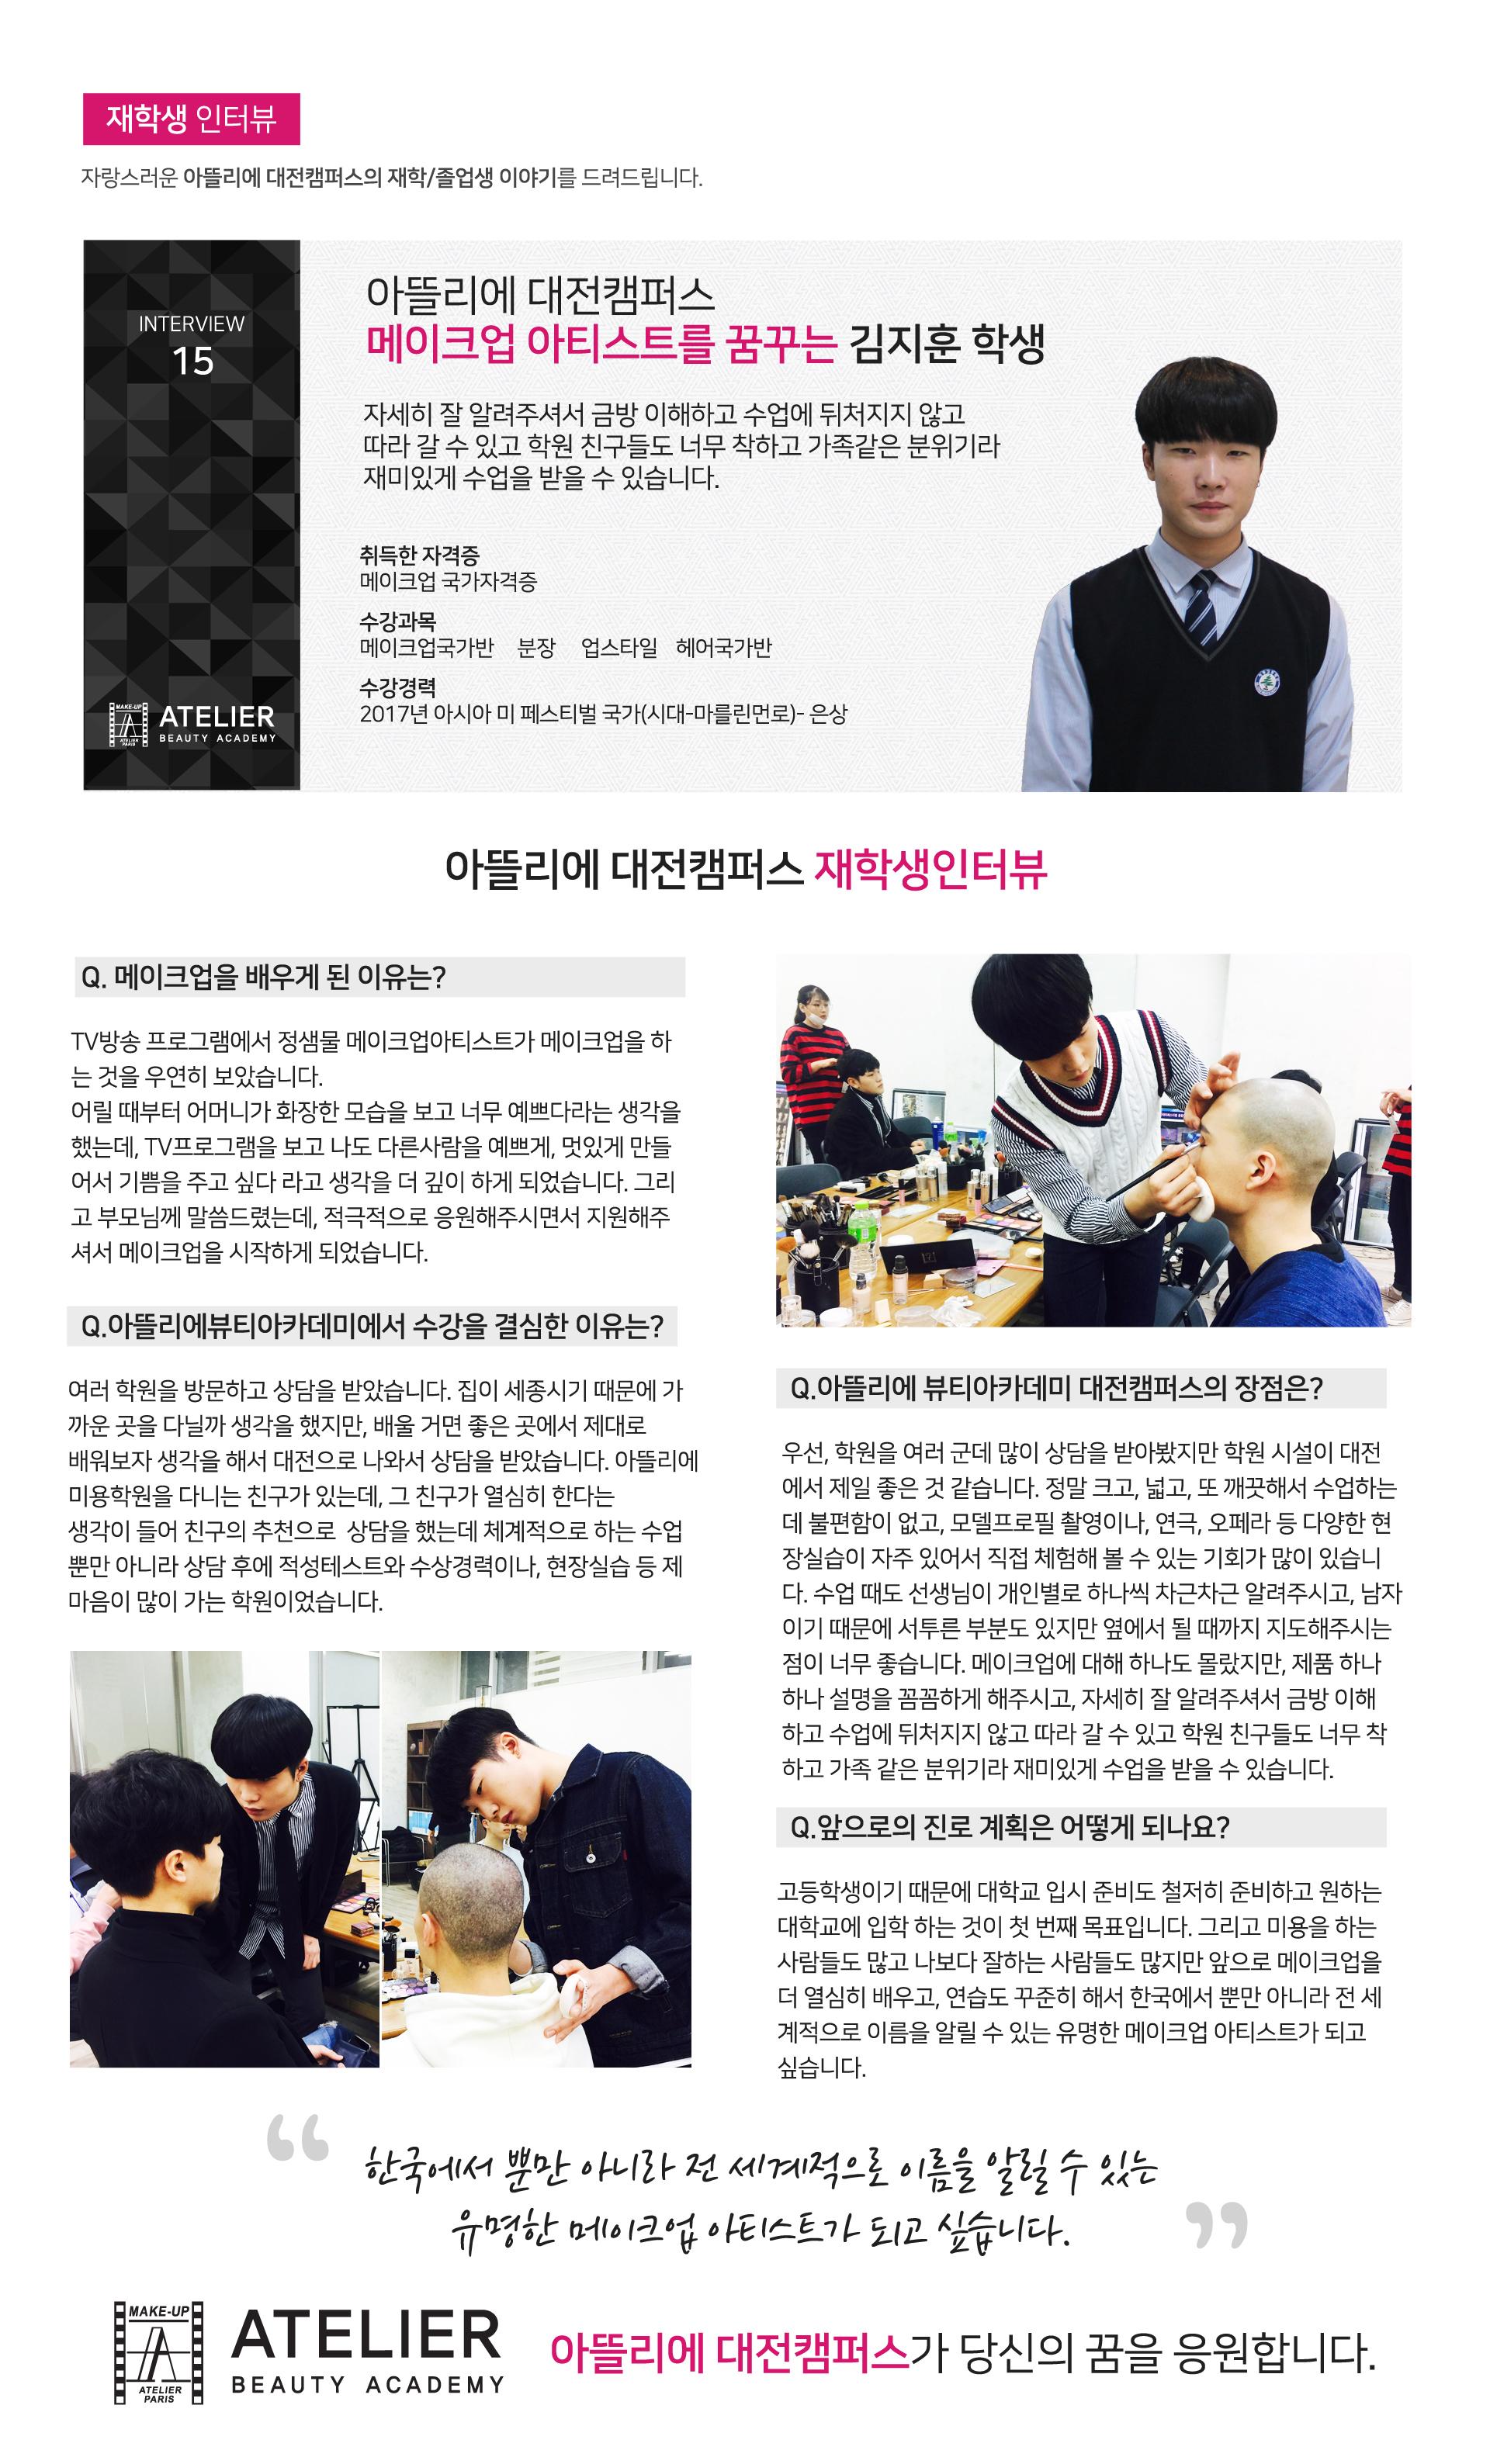 김지훈 학생<br/> 후기